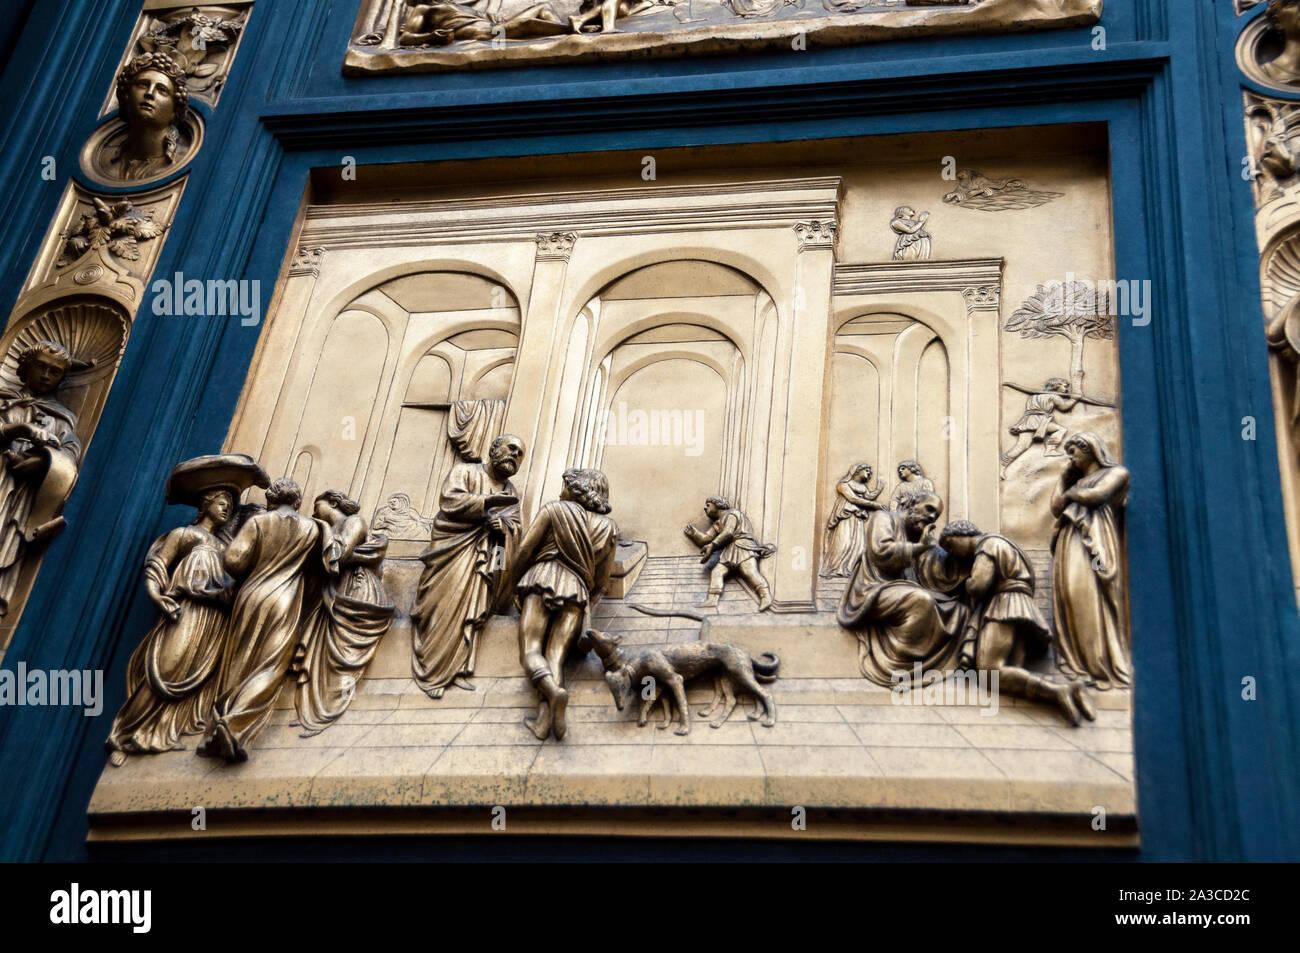 Kunst Der Renaissance Stockfotos Und Bilder Kaufen Alamy